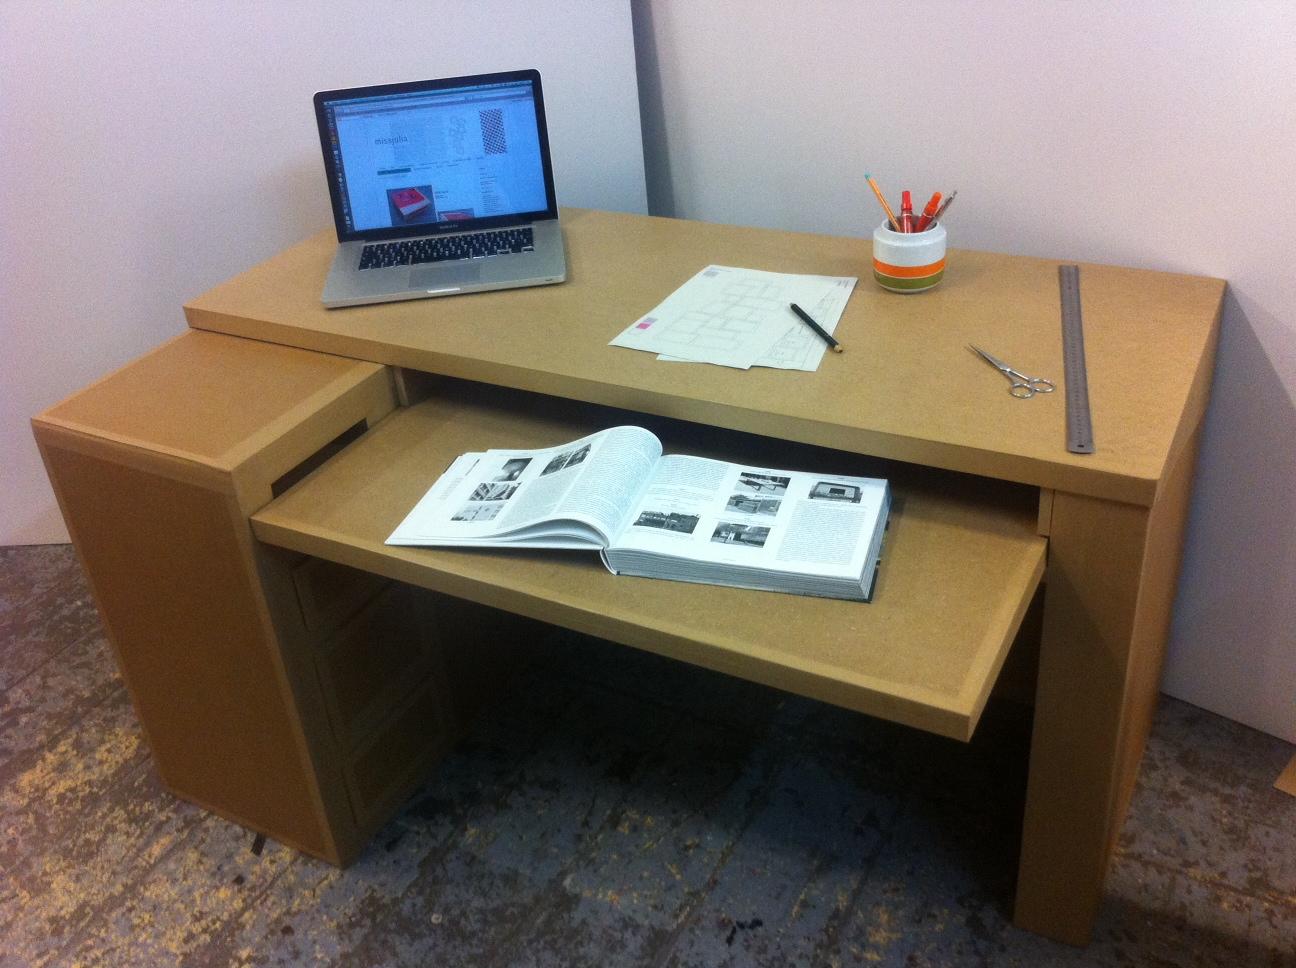 Meuble en carton, bureaux pour petits et grands. Vous choisissez la taille du plateau, le nombre de tiroirs et de cases, la forme & le type de finitions.  Un design simple et fonctionnel pour bien travailler selon vos besoins &  envies. Du sur-mesure fabriqué à Marseille / Spritz° la fabrique pétillante